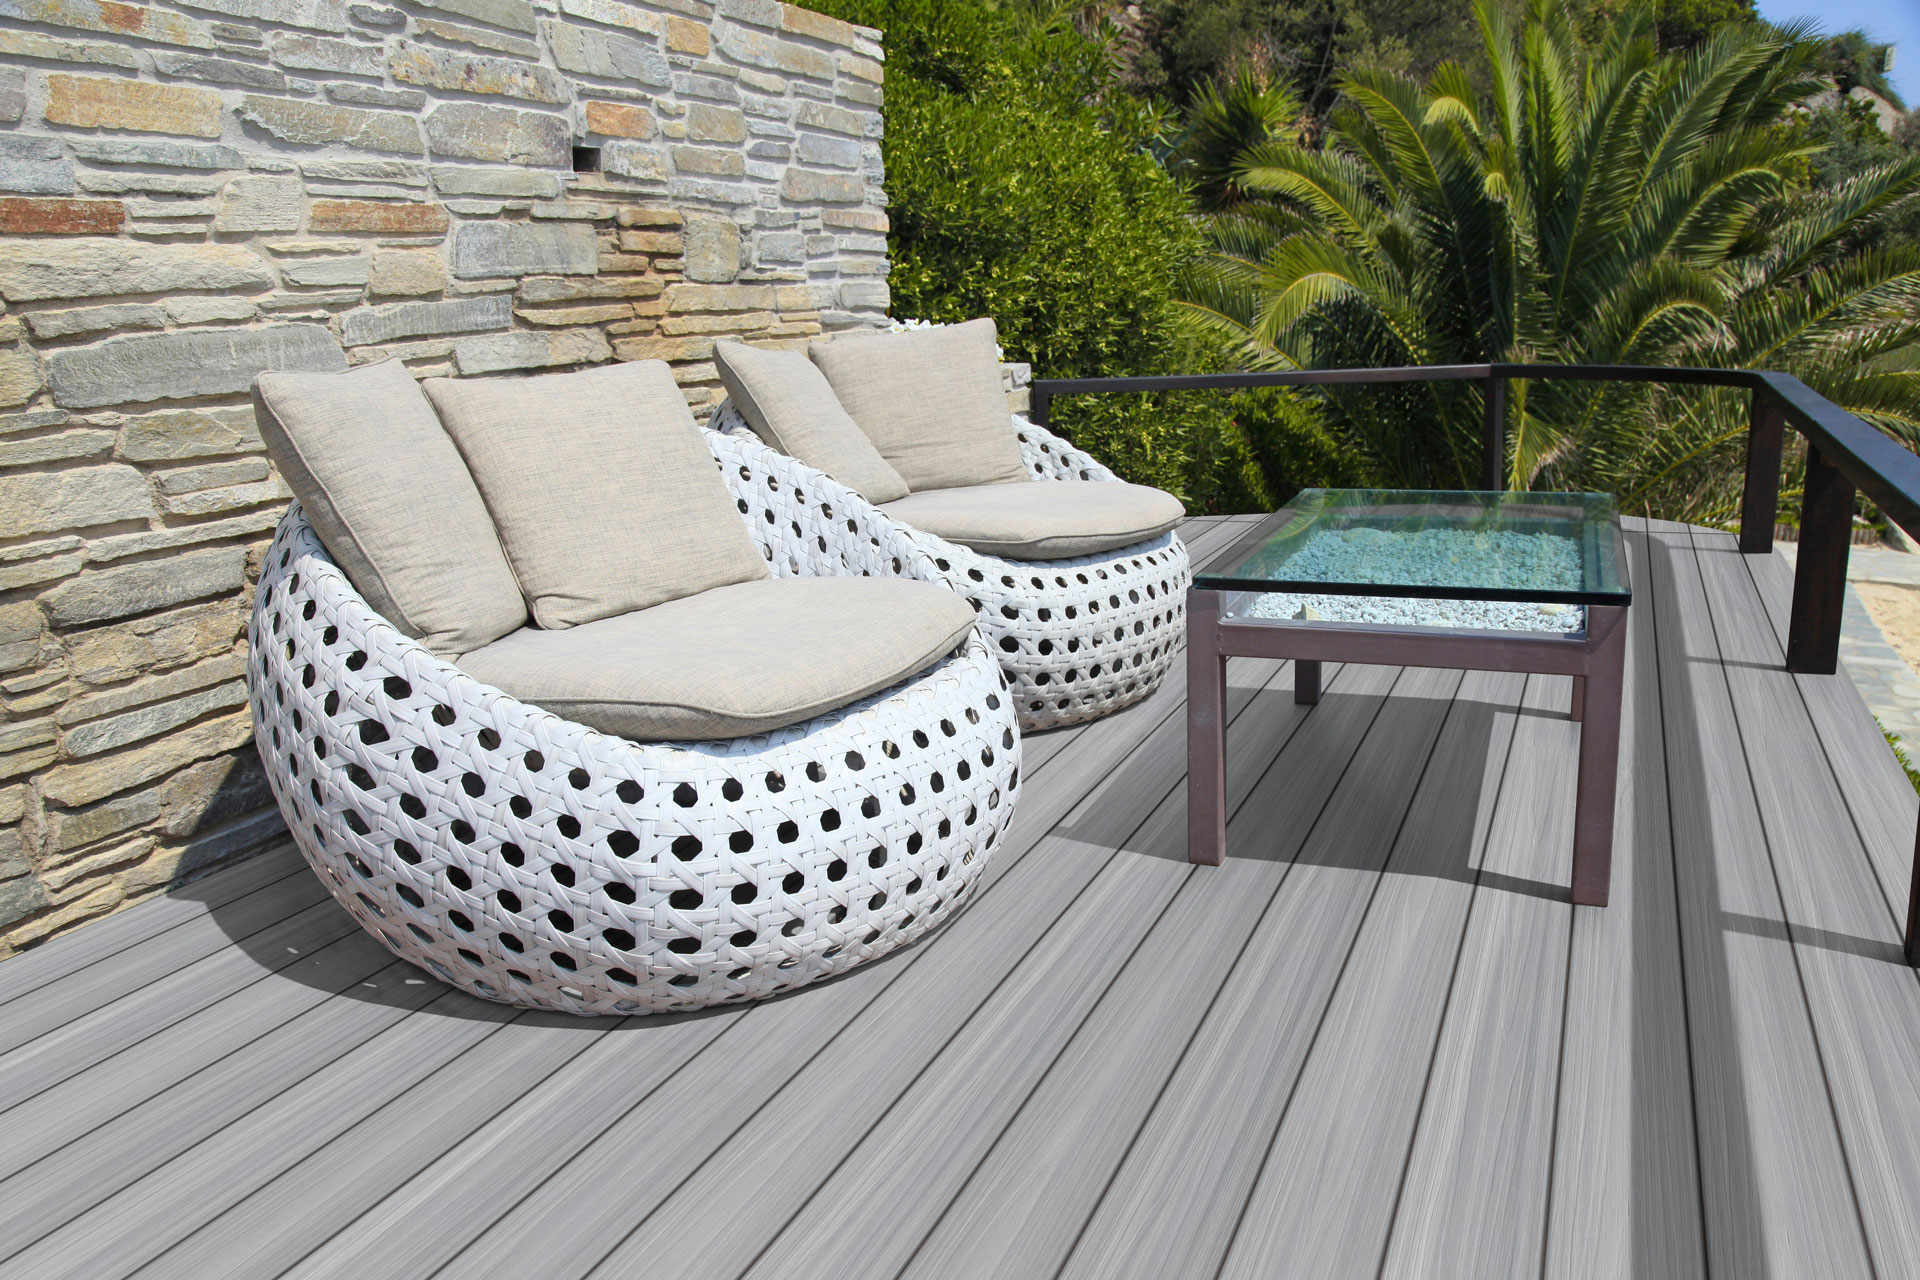 Fano Ultrashield Rauchweiß | Sitzsäcke und Tisch auf hellgrauen WPC Boden Dielen bei Terrasse | Svoboda